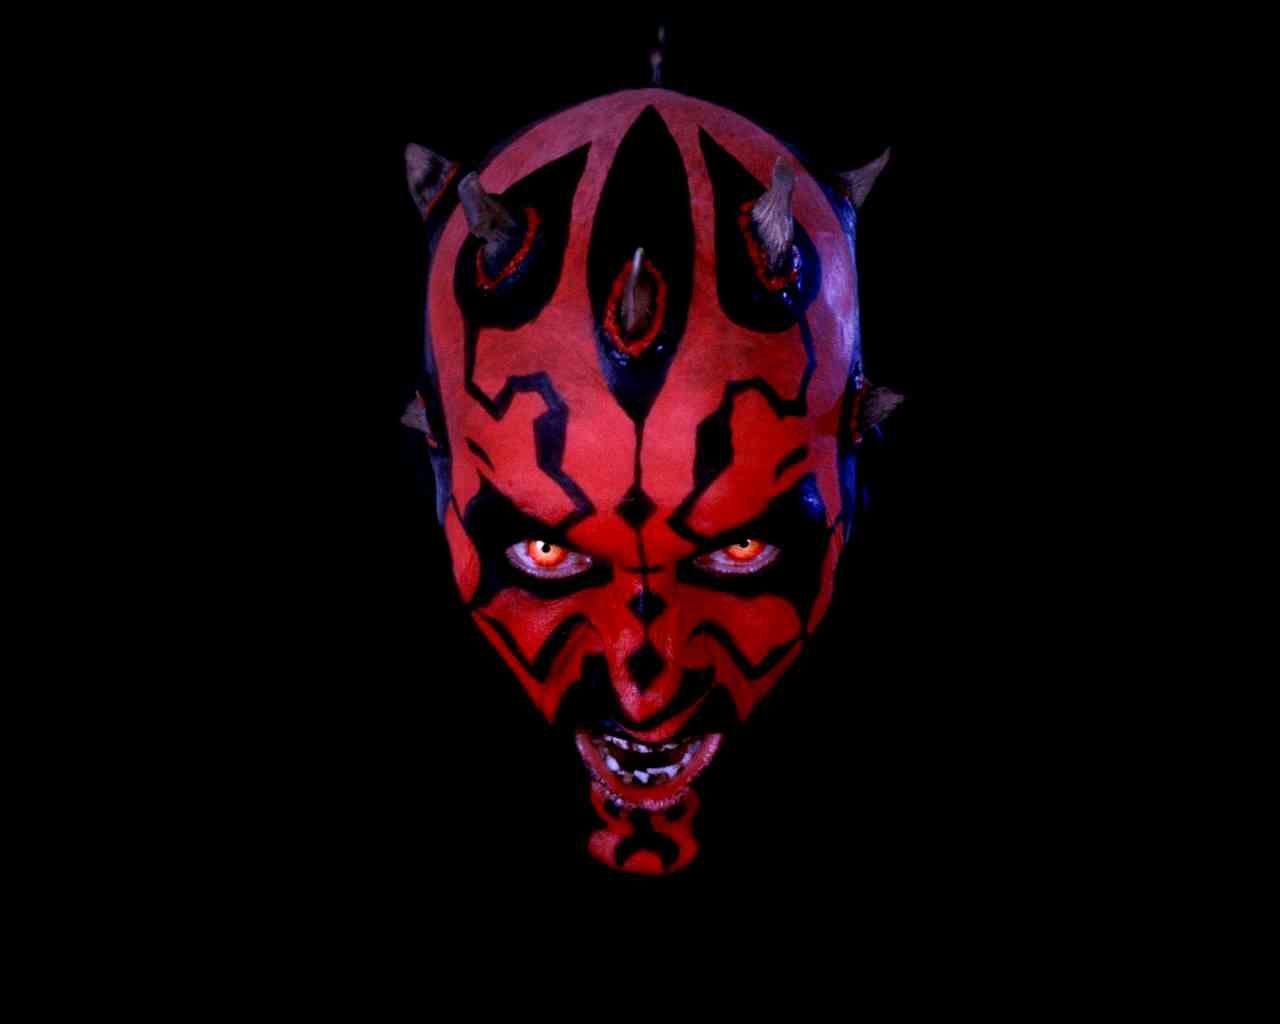 Star Wars Darth Maul Hd Wallpaper Movies Tv 148776 Darth Maul Wallpaper Darth Maul Clone Wars Darth Maul